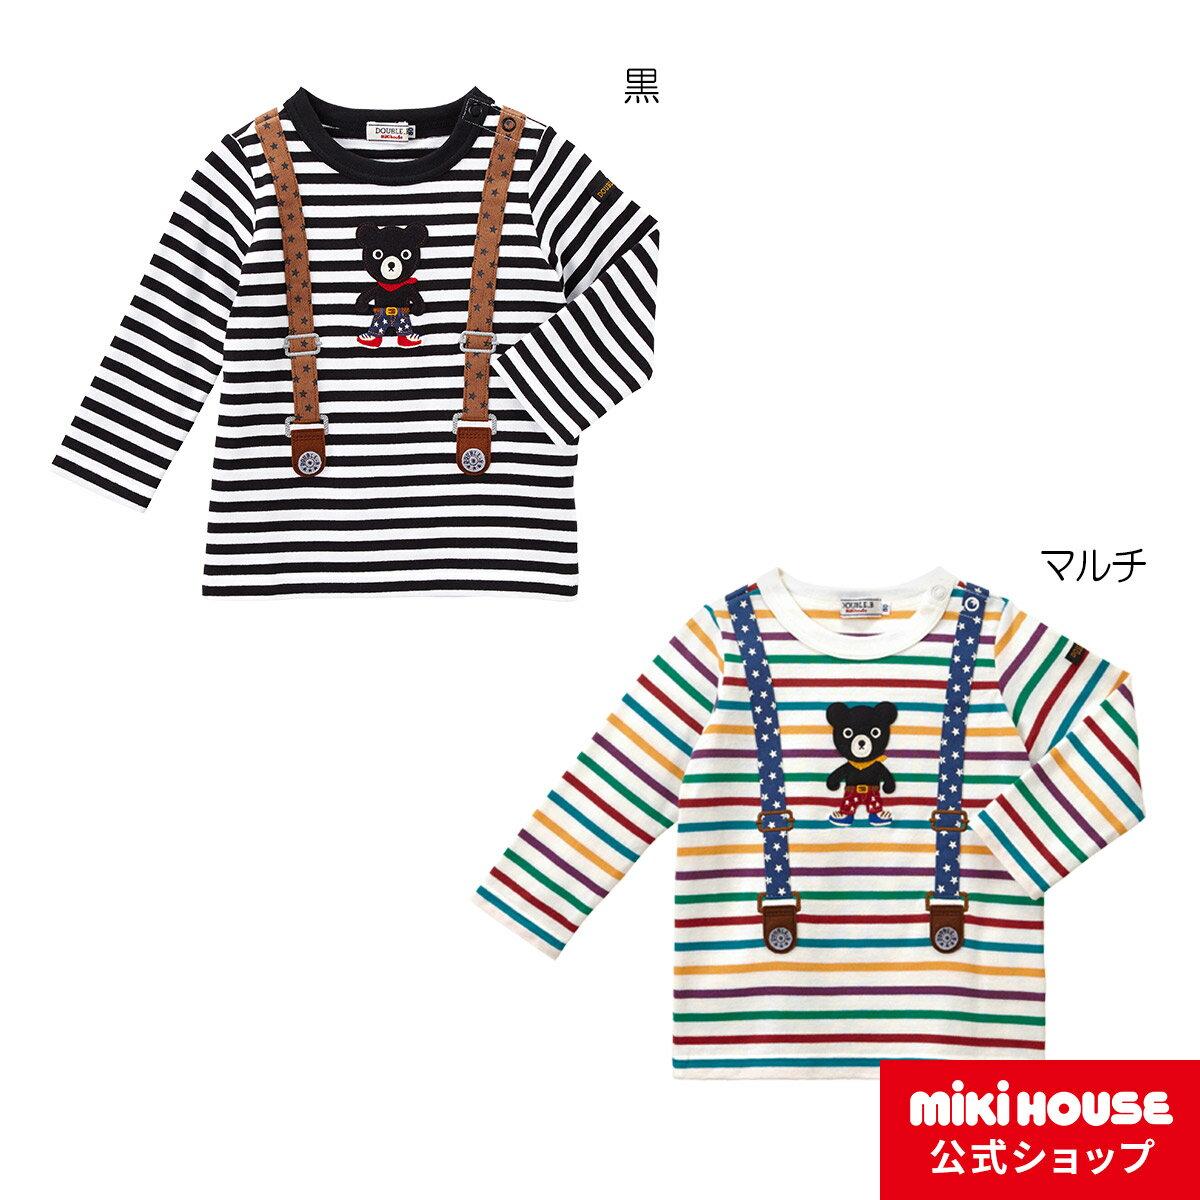 ミキハウス ダブルビー mikihouse アメリカンサスペンダー長袖Tシャツ(80cm・90cm)